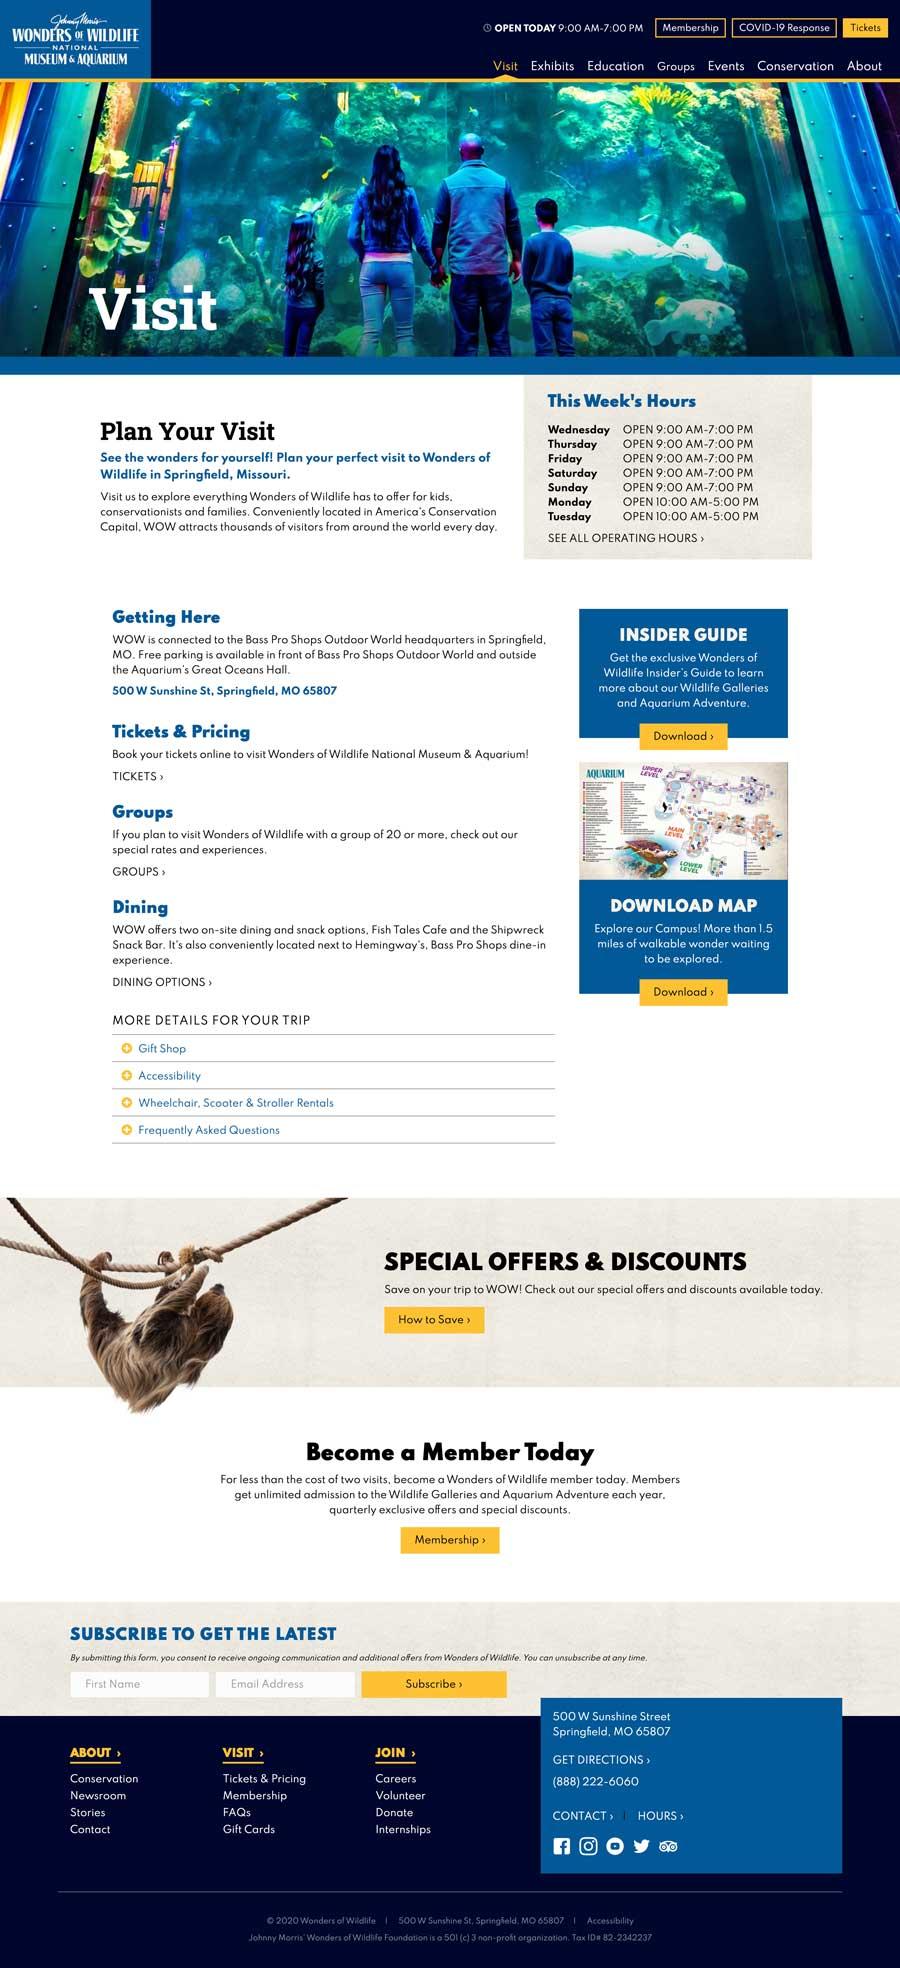 Wonders of Wildlife - Visit Page